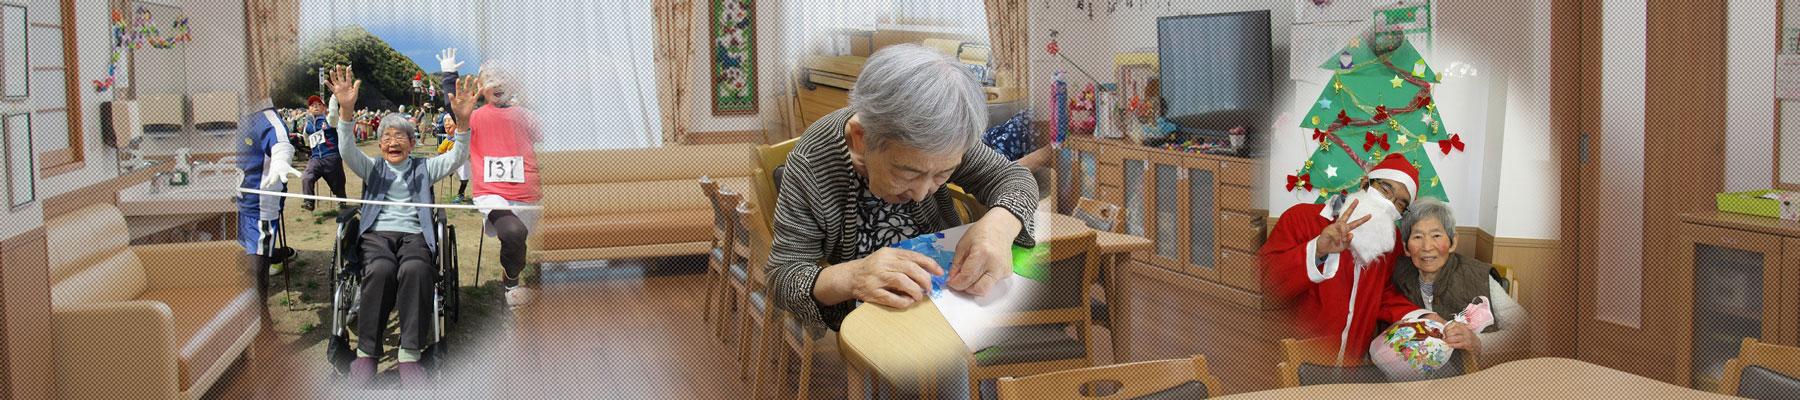 通所介護菜の花東館1F